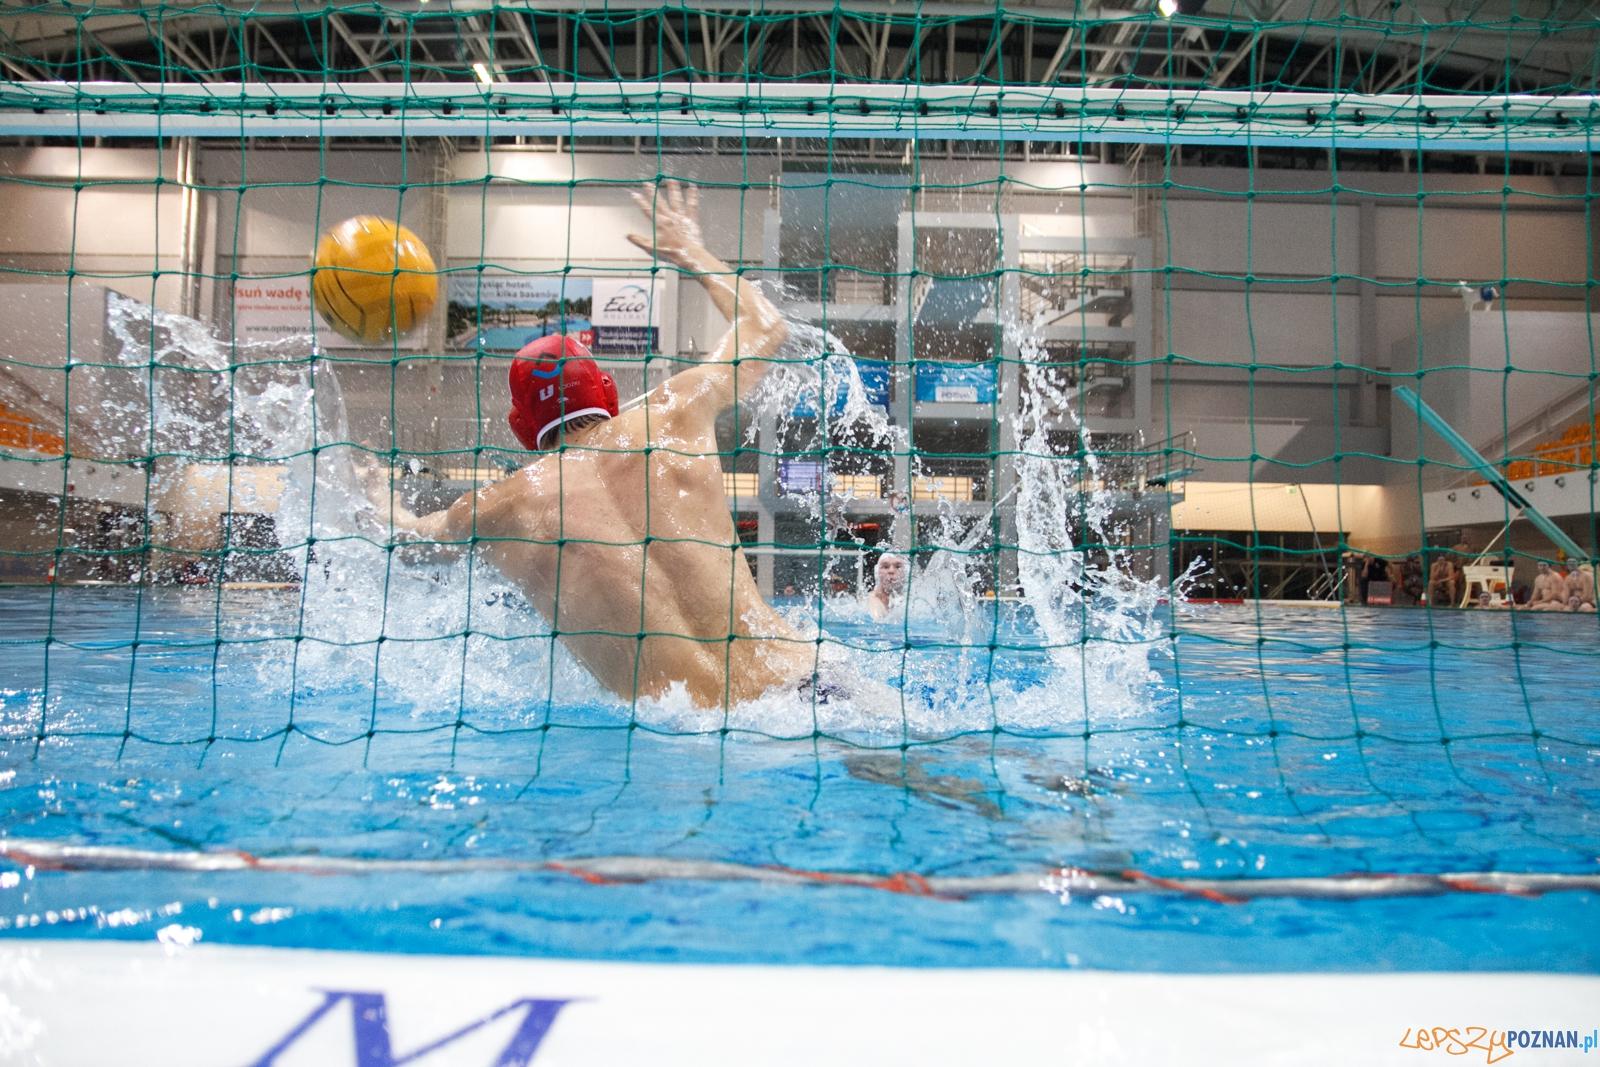 KS Waterpolo Poznań - ŁSTW Uniwersytet Łódzki 9:9 (d 15:16)  Foto: LepszyPOZNAN.pl / Paweł Rychter